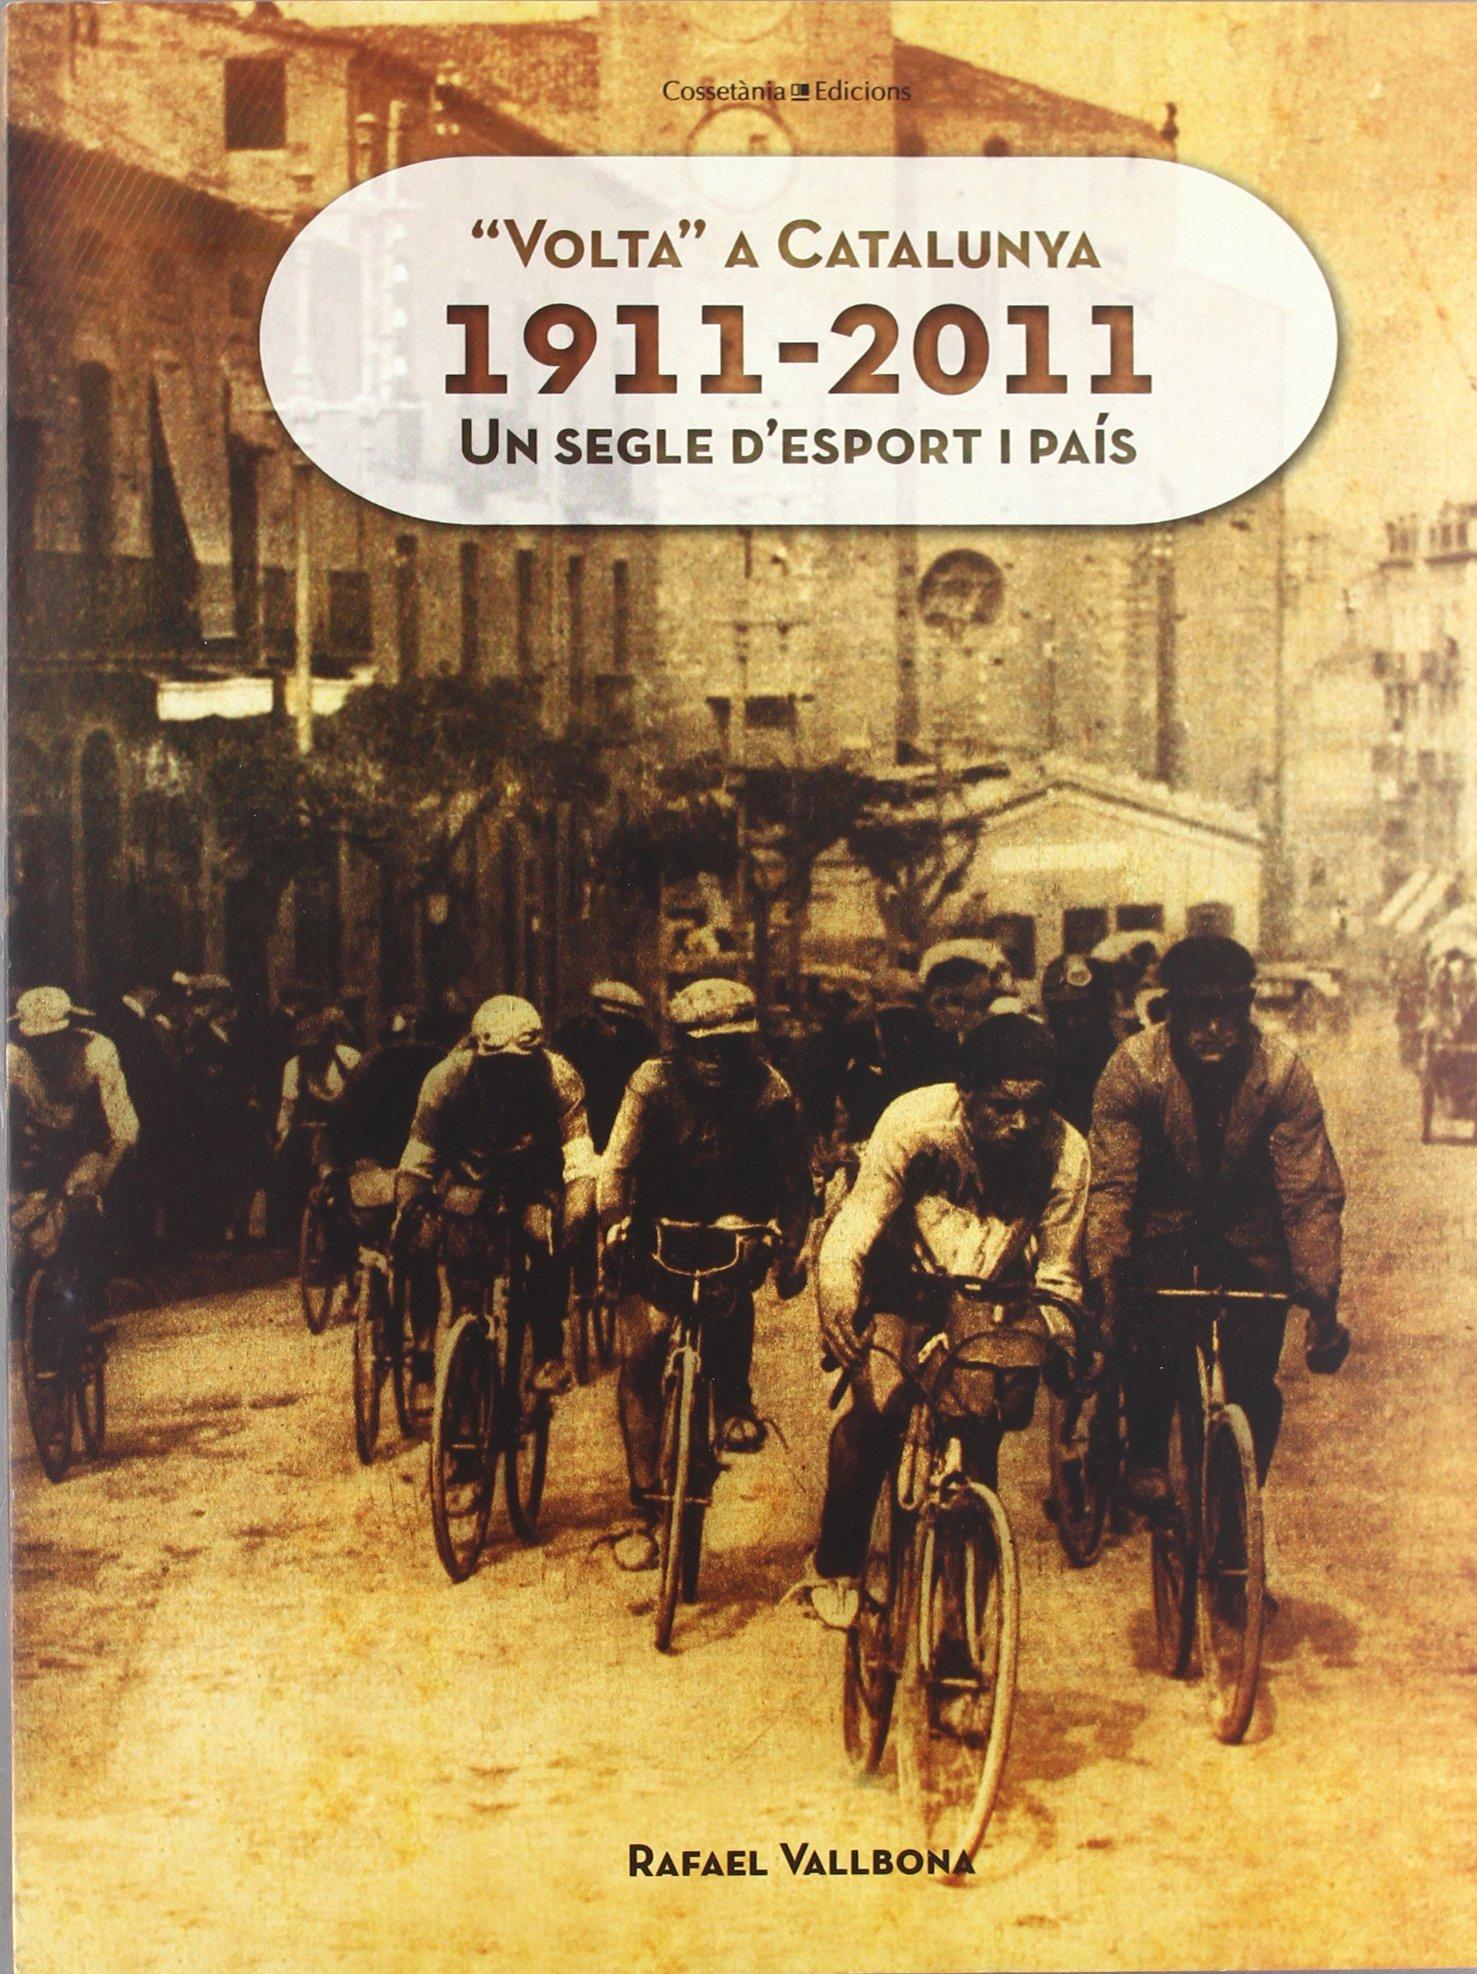 Volta a Catalunya 1911-2011: Un segle d'esport i país (Altres) (Catalán) Tapa dura – 1 nov 2011 Rafael Vallbona i Sallent Cossetània Edicions 8415403607 JP023633